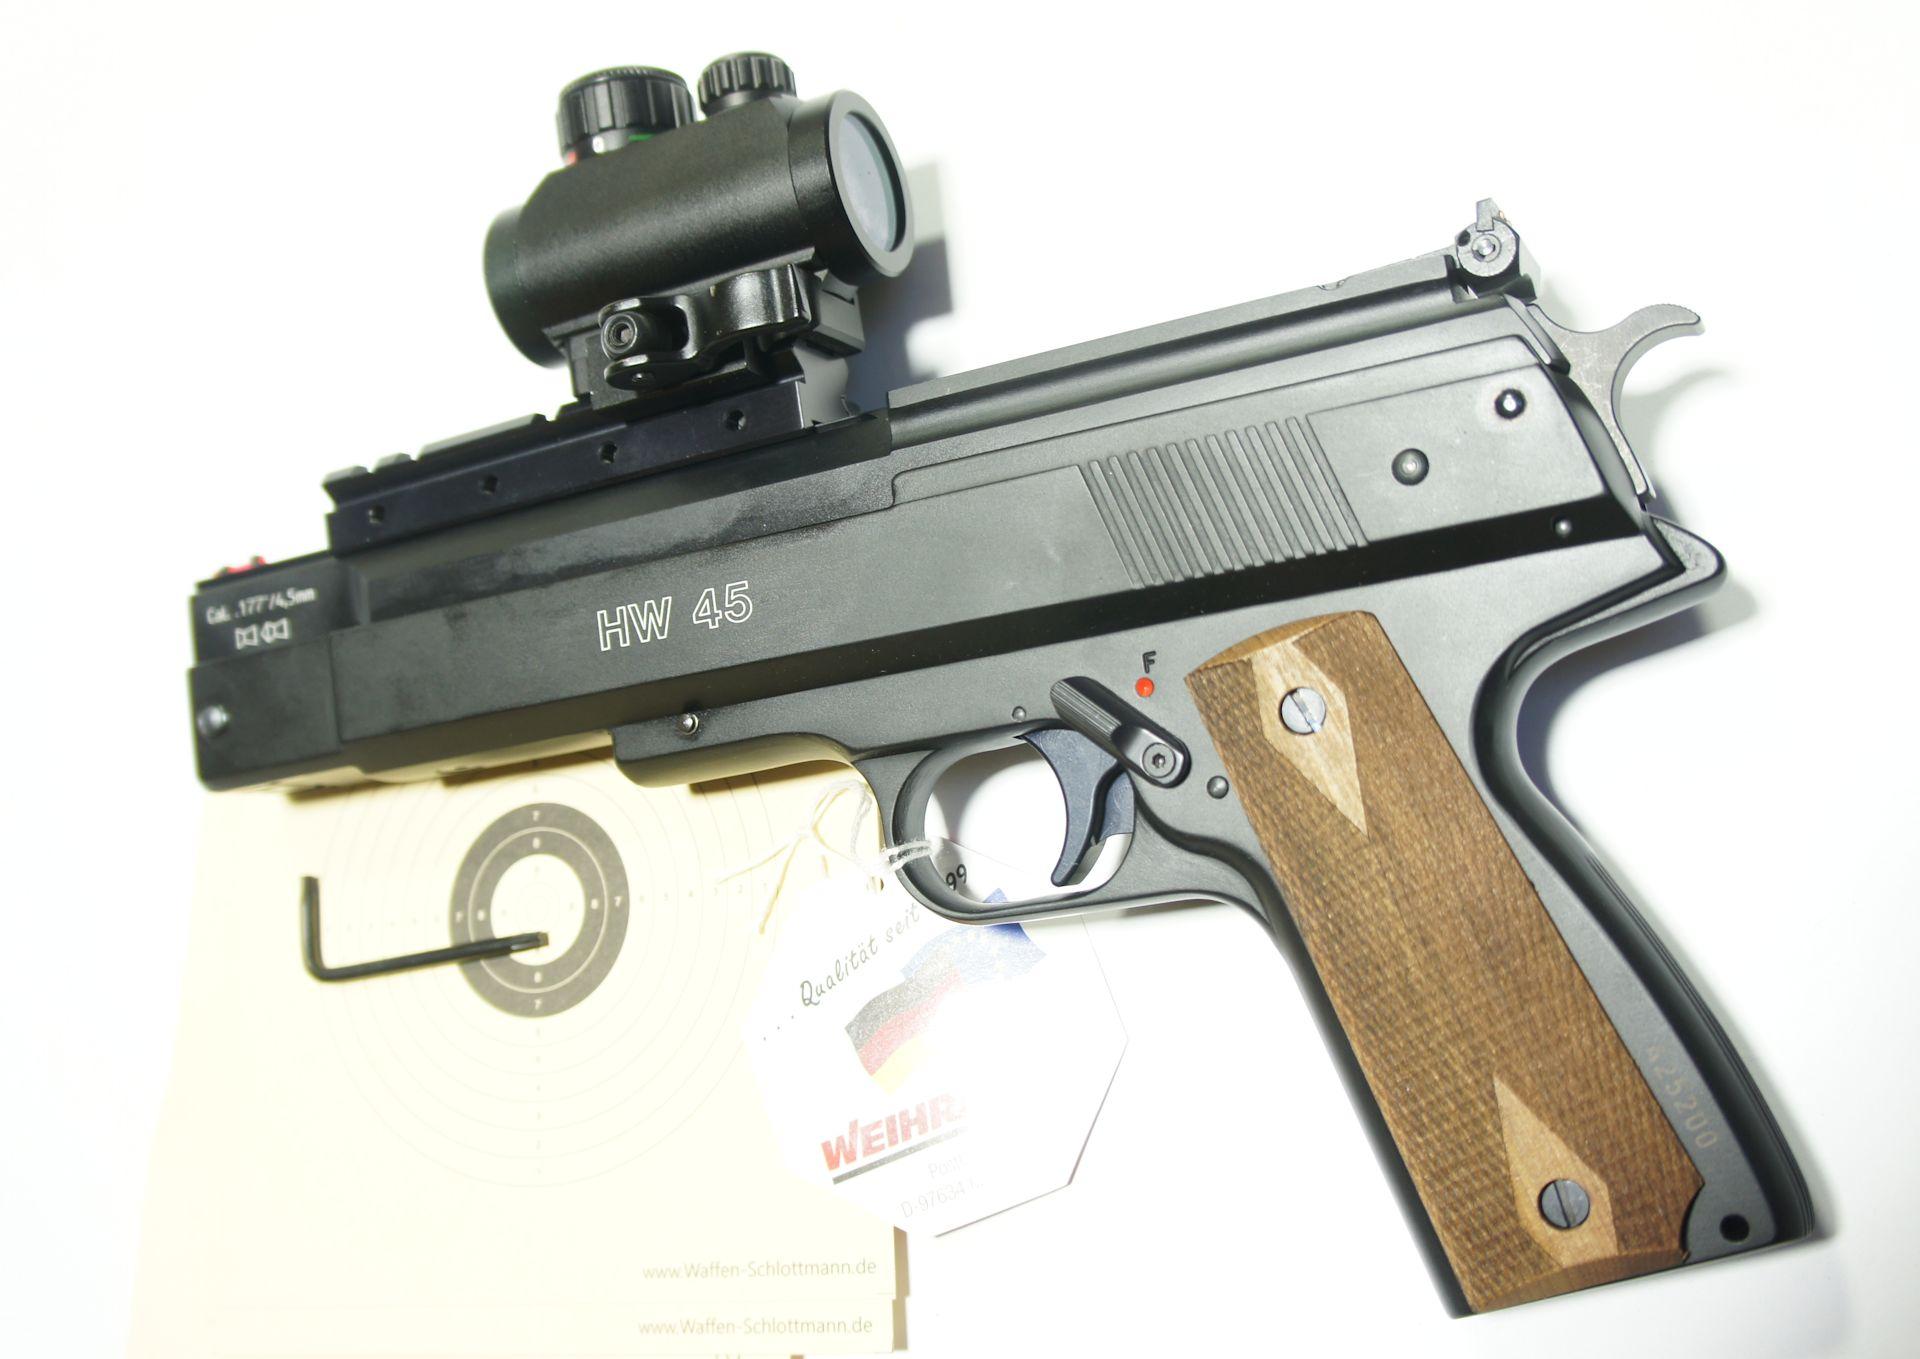 Die Justierung der Optik erfolgt wie bei einem Zielfernrohr über Stellknöfe.